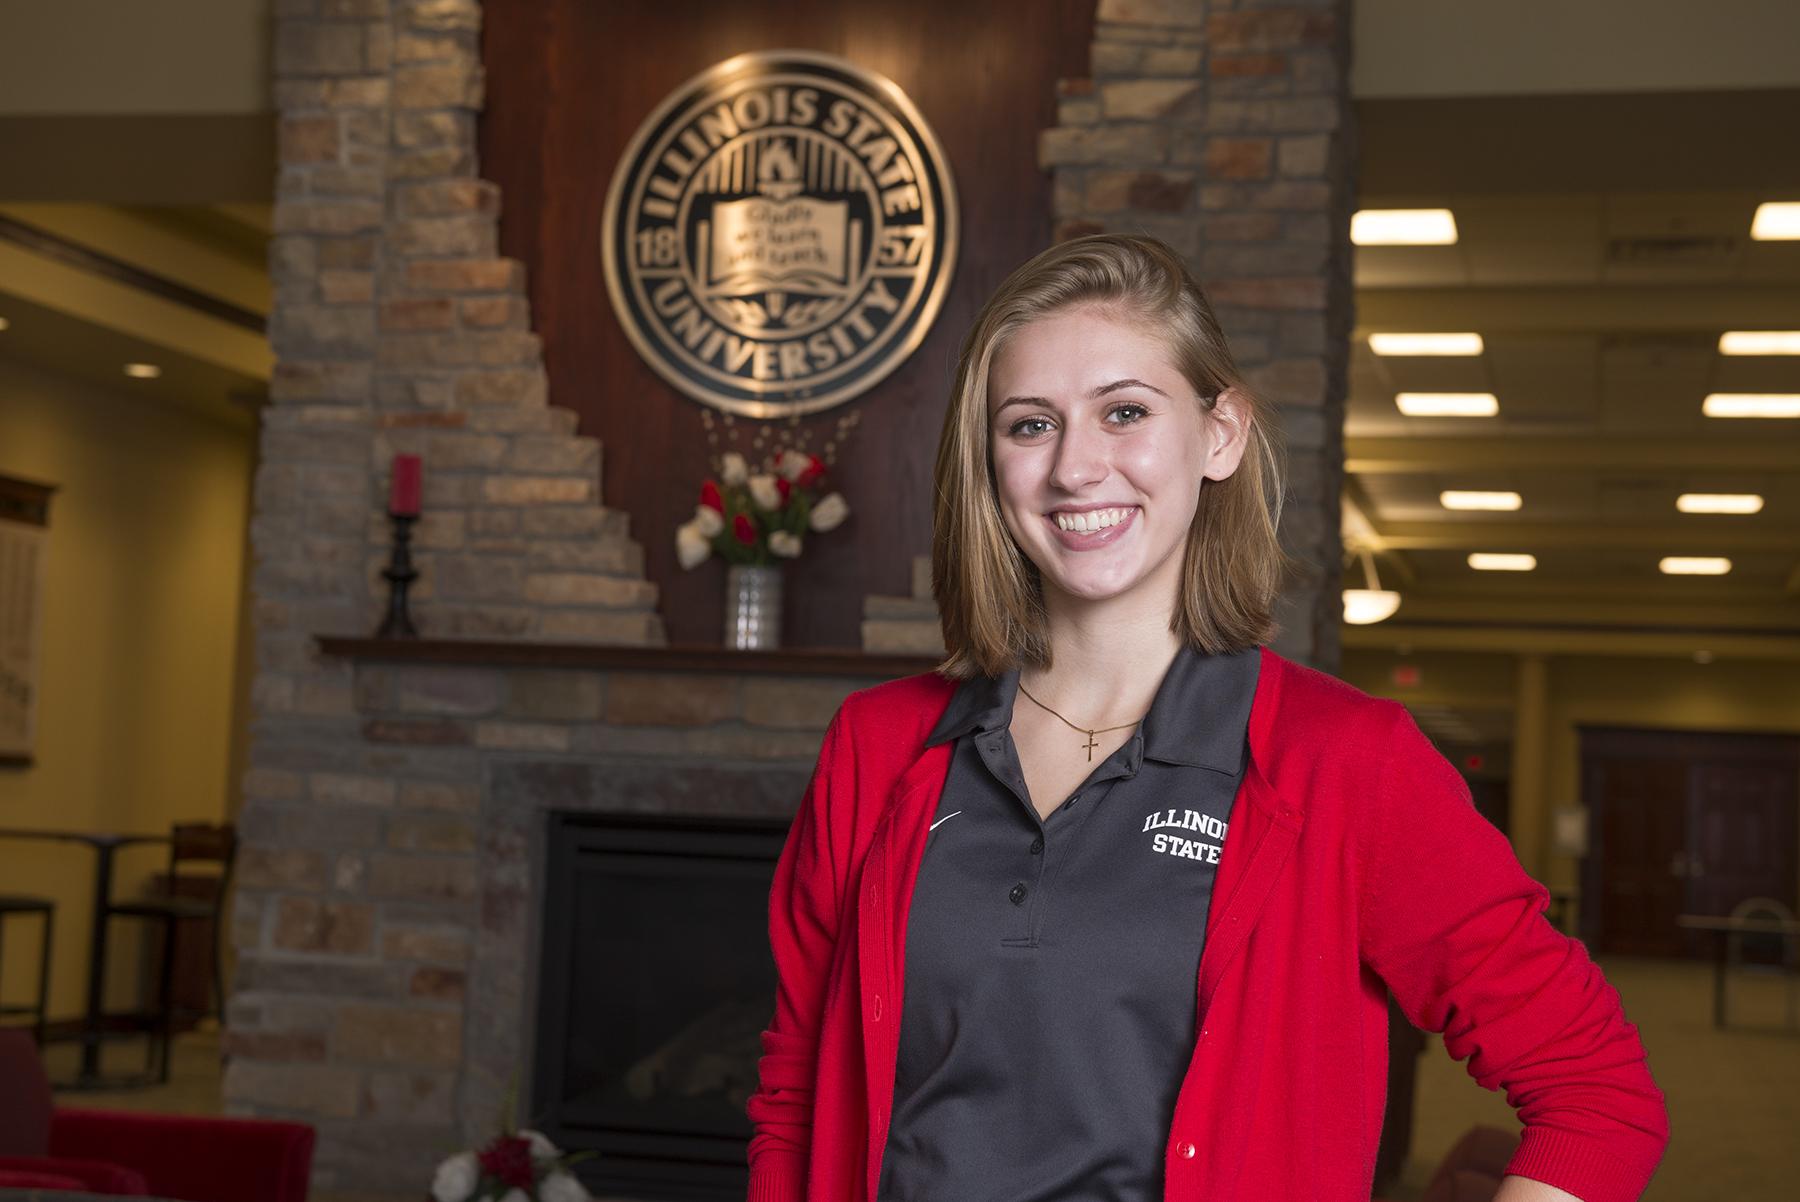 Beth Geistlinger poses inside Alumni Center